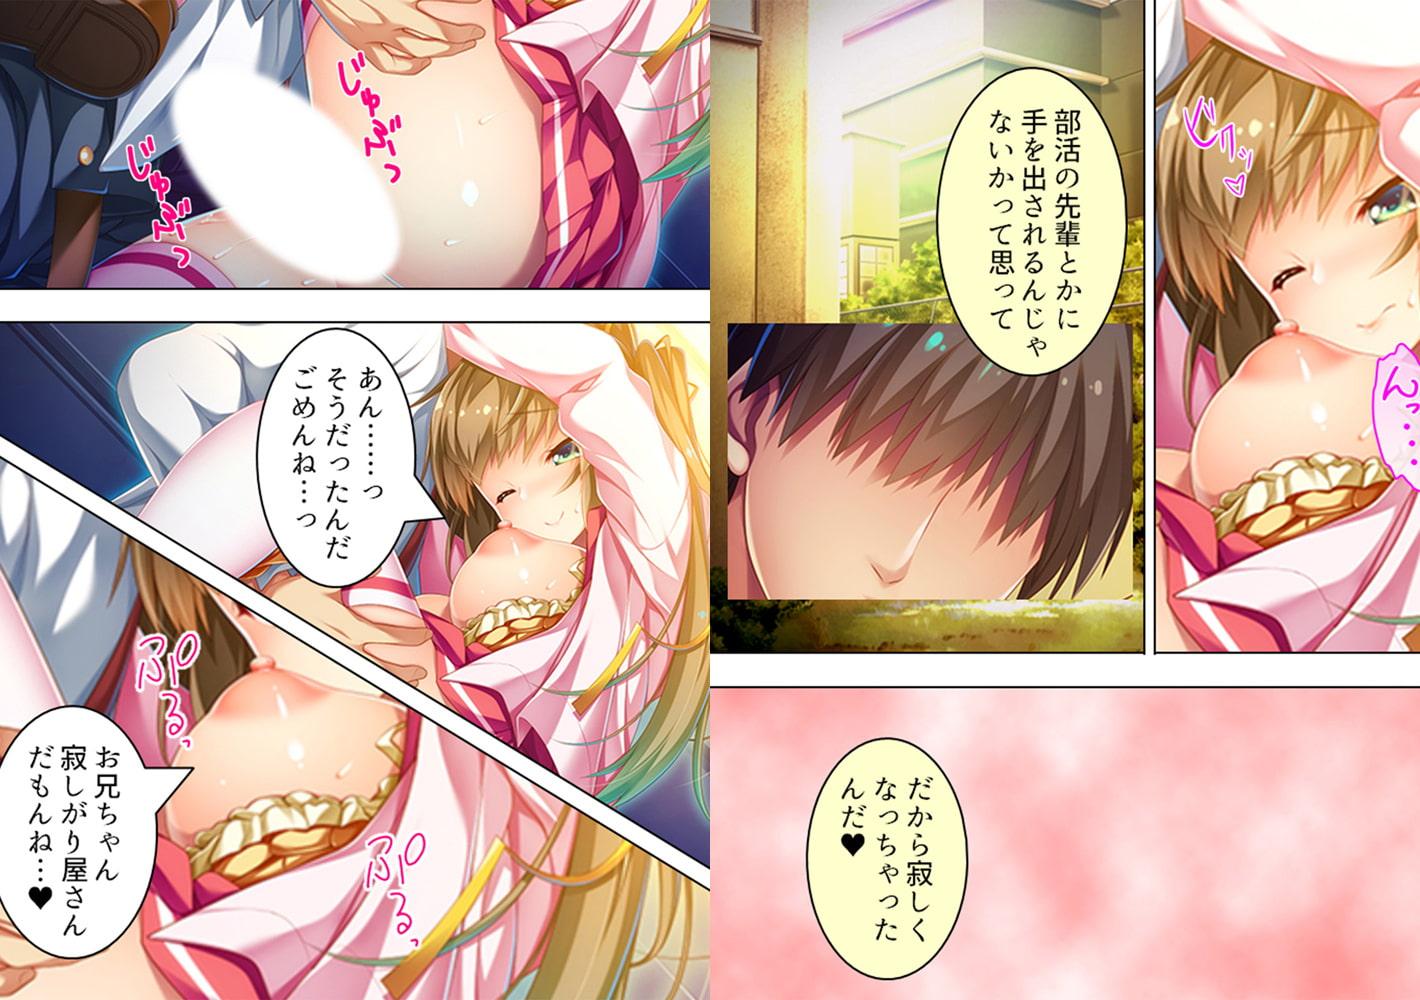 【新装版】妹と密着!狭すぎワンルーム ~隣に感じるキワドイ吐息~ 第2巻